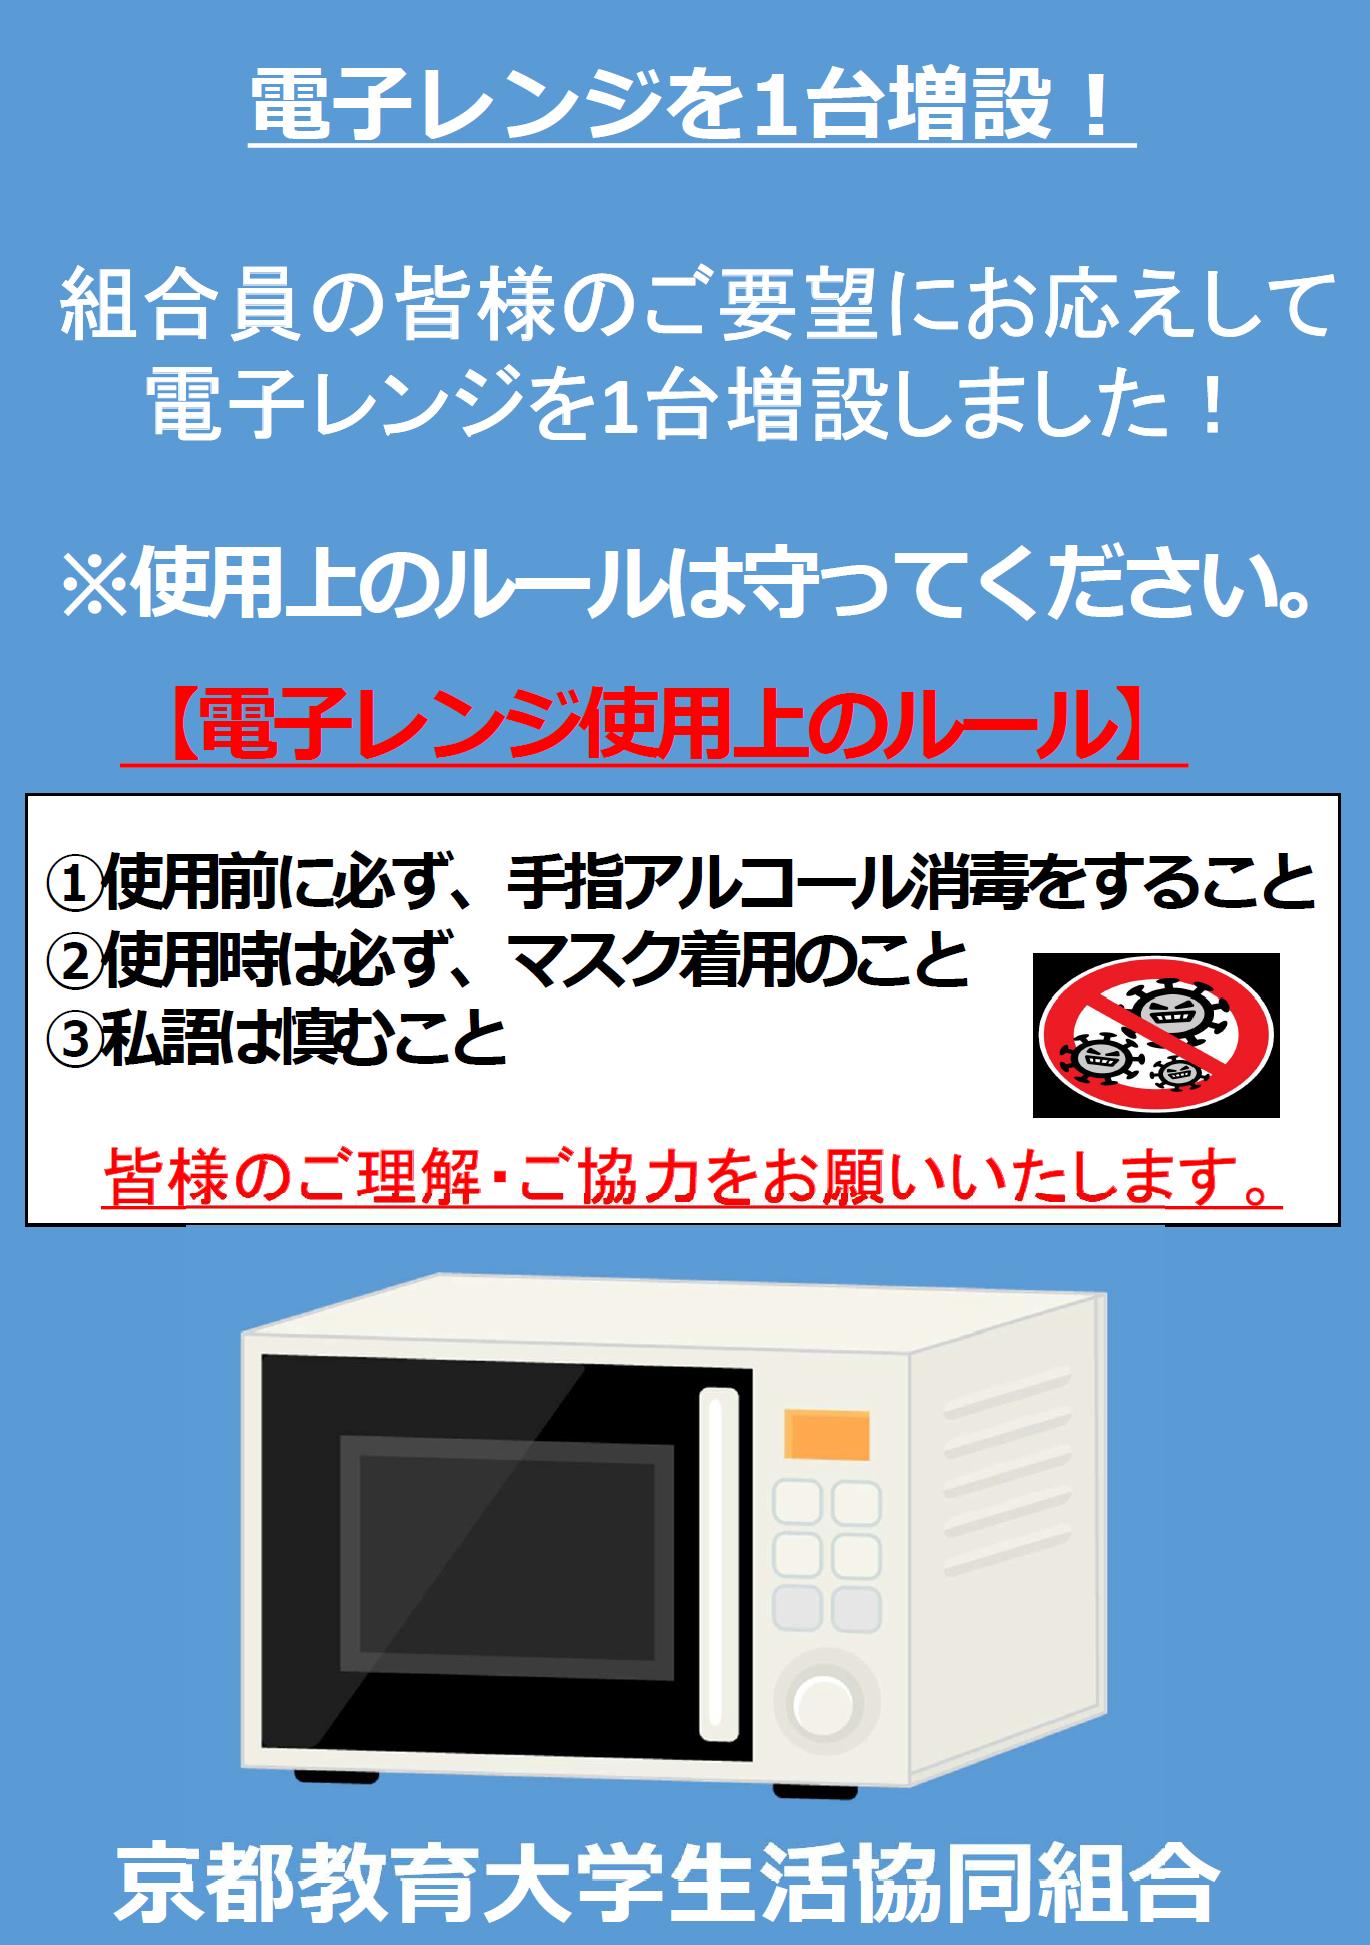 電子レンジ増設(HP用).png